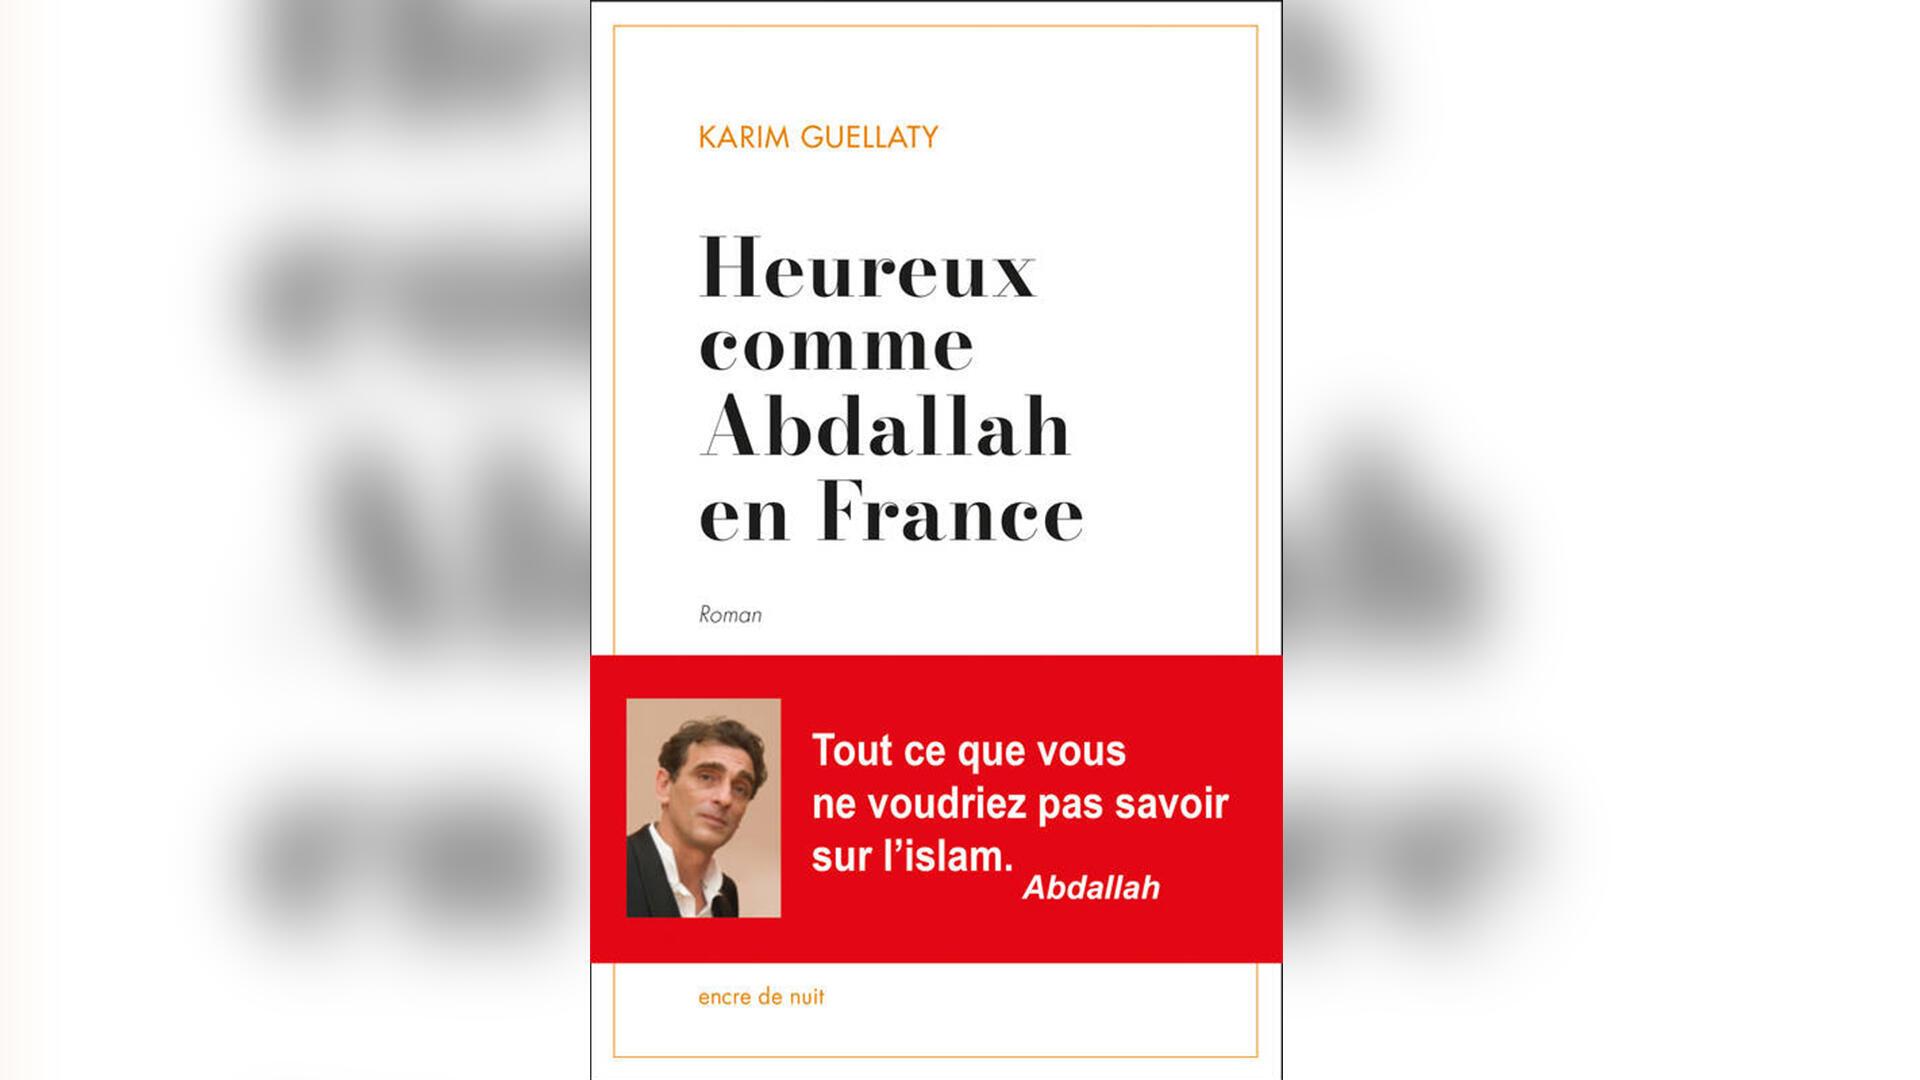 «Heureux comme Abdallah en France», par Karim Guellaty.